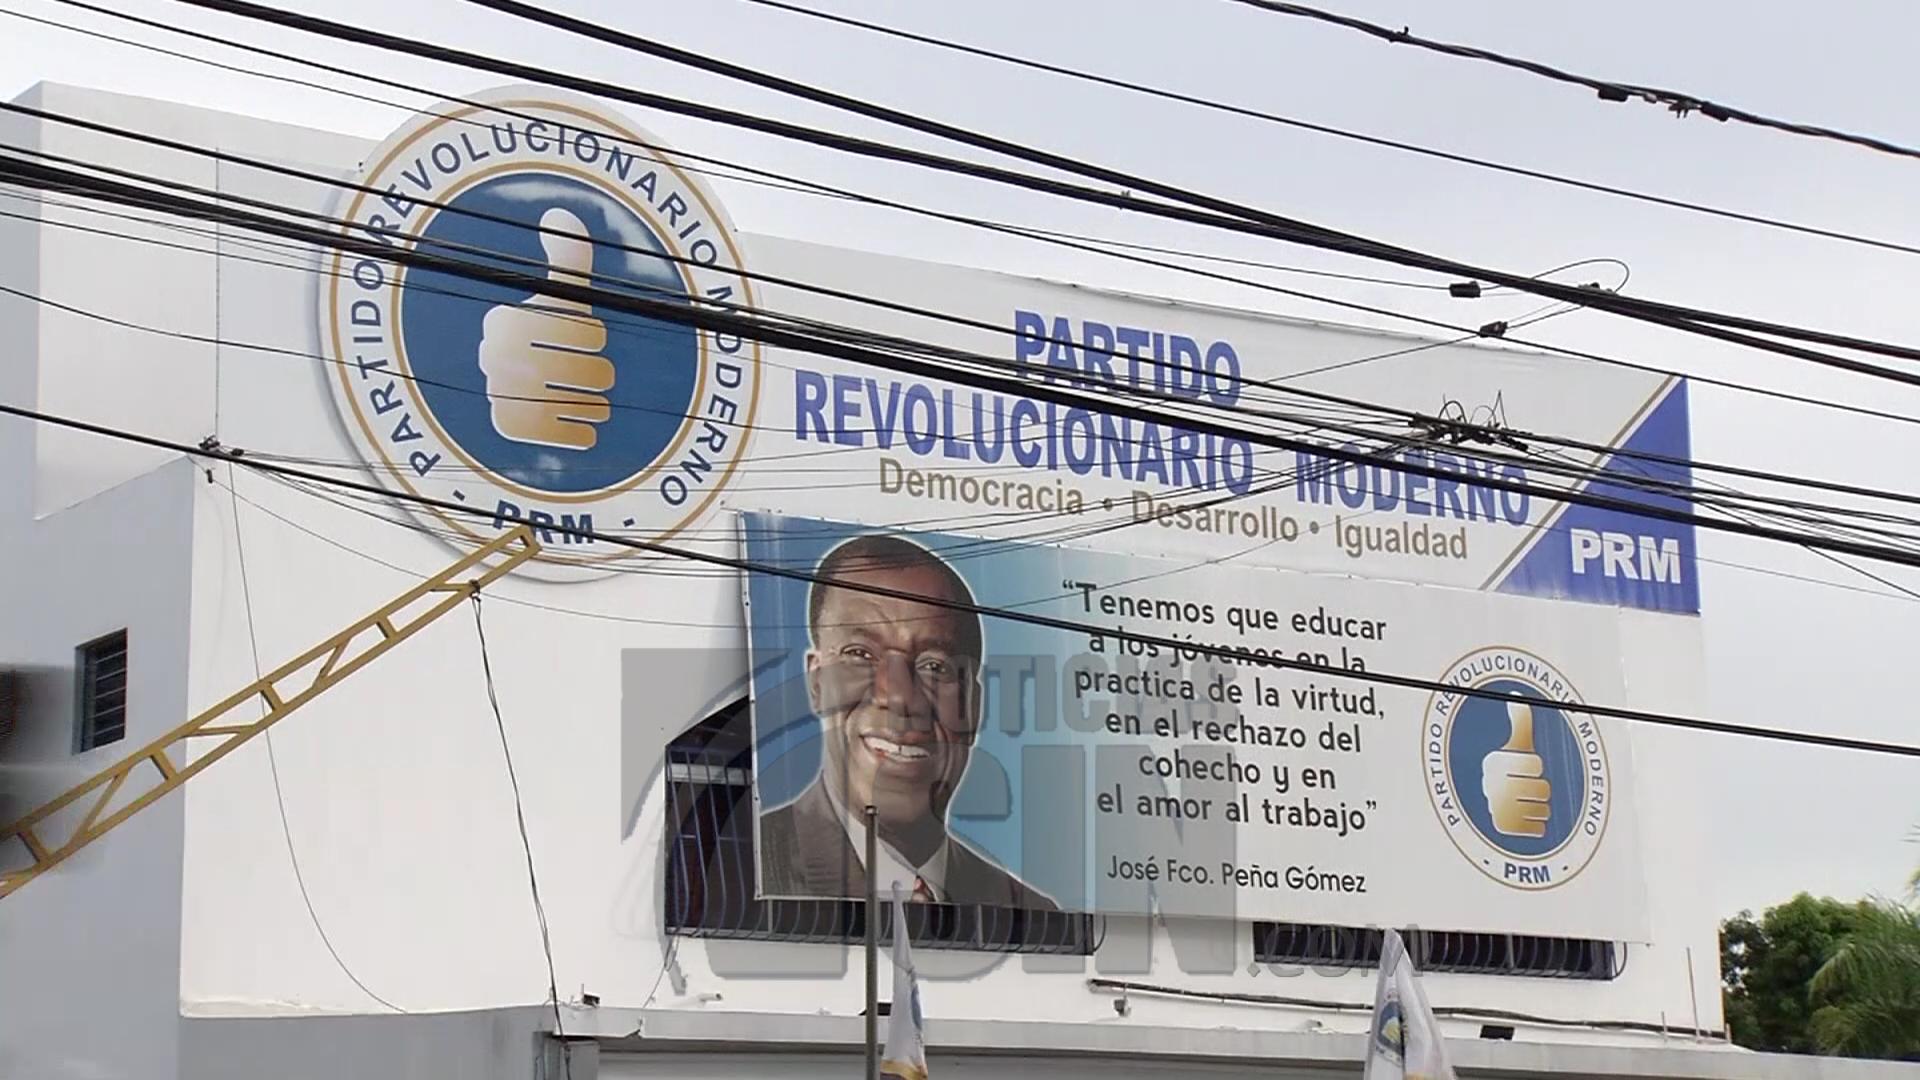 Dirigentes del PRD dicen estar de acuerdo con decisión del TSE de prohibir la doble militancia